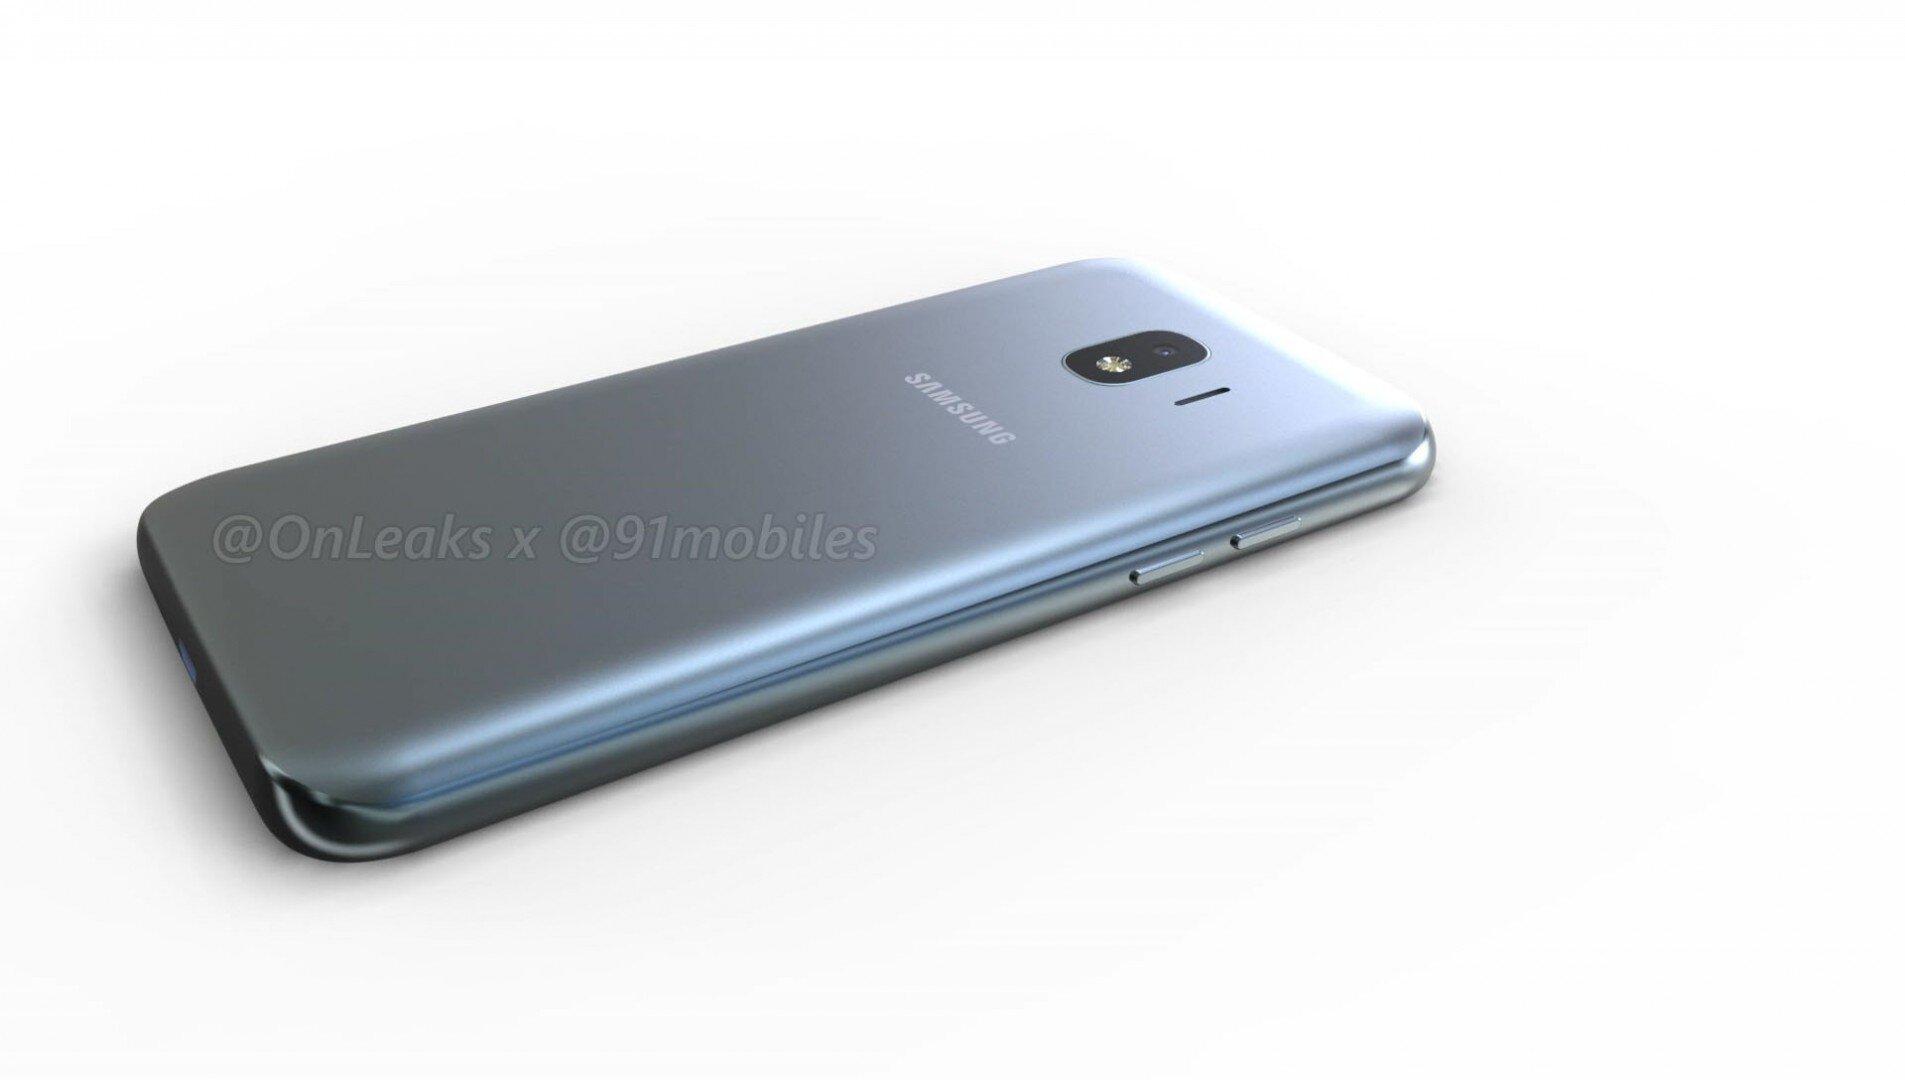 Il Samsung Galaxy J2 Pro (2017) in una serie di immagini rendering